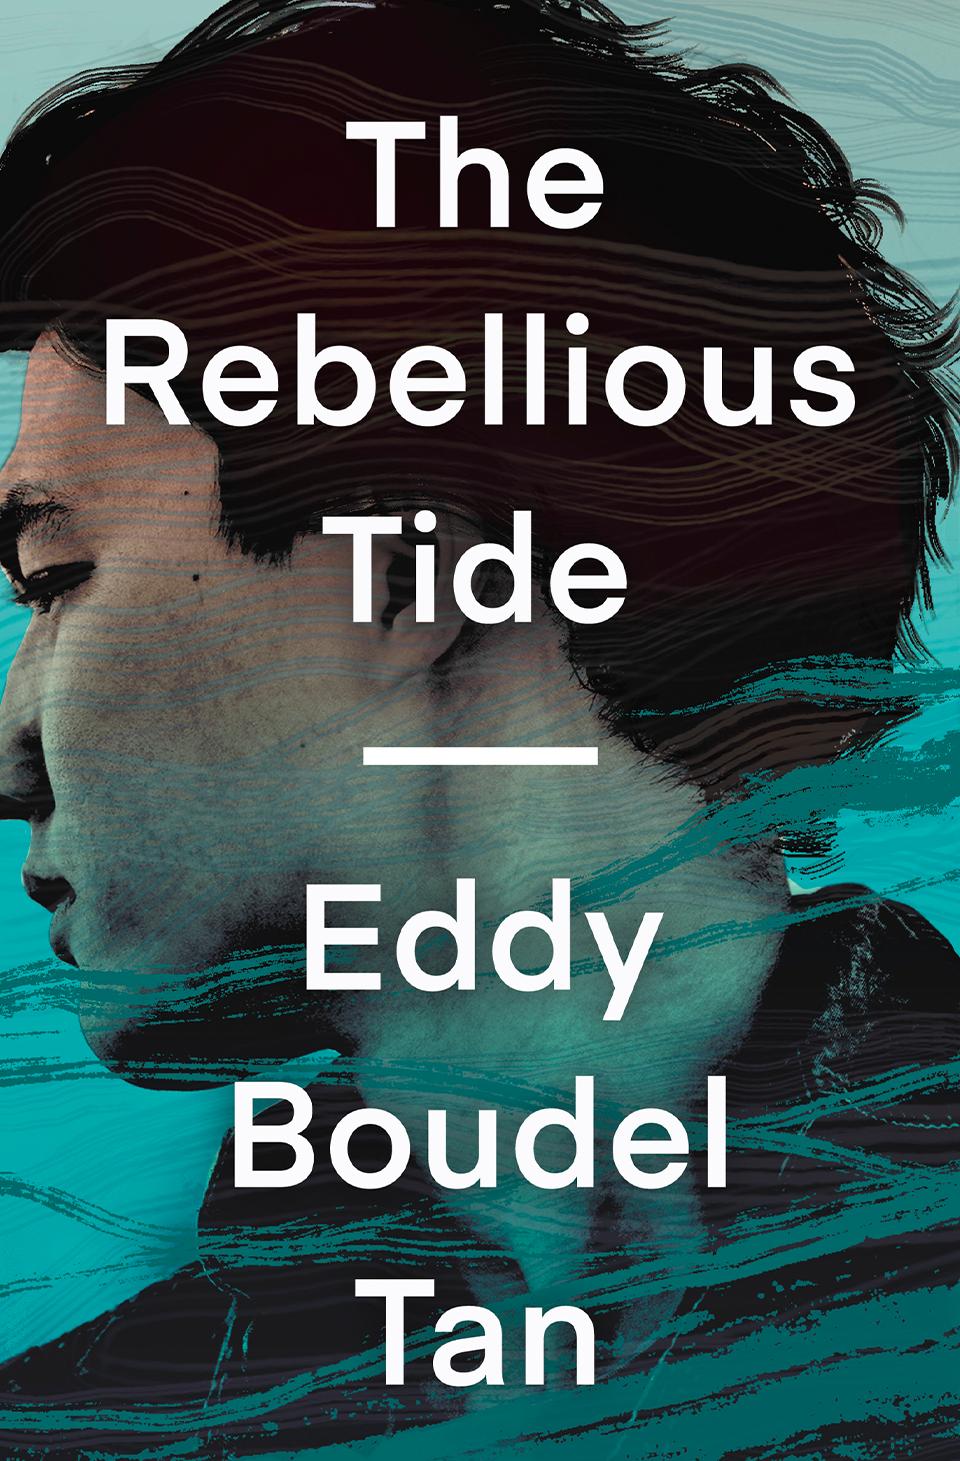 The Rebellious Tide by Eddy Boudel Tan